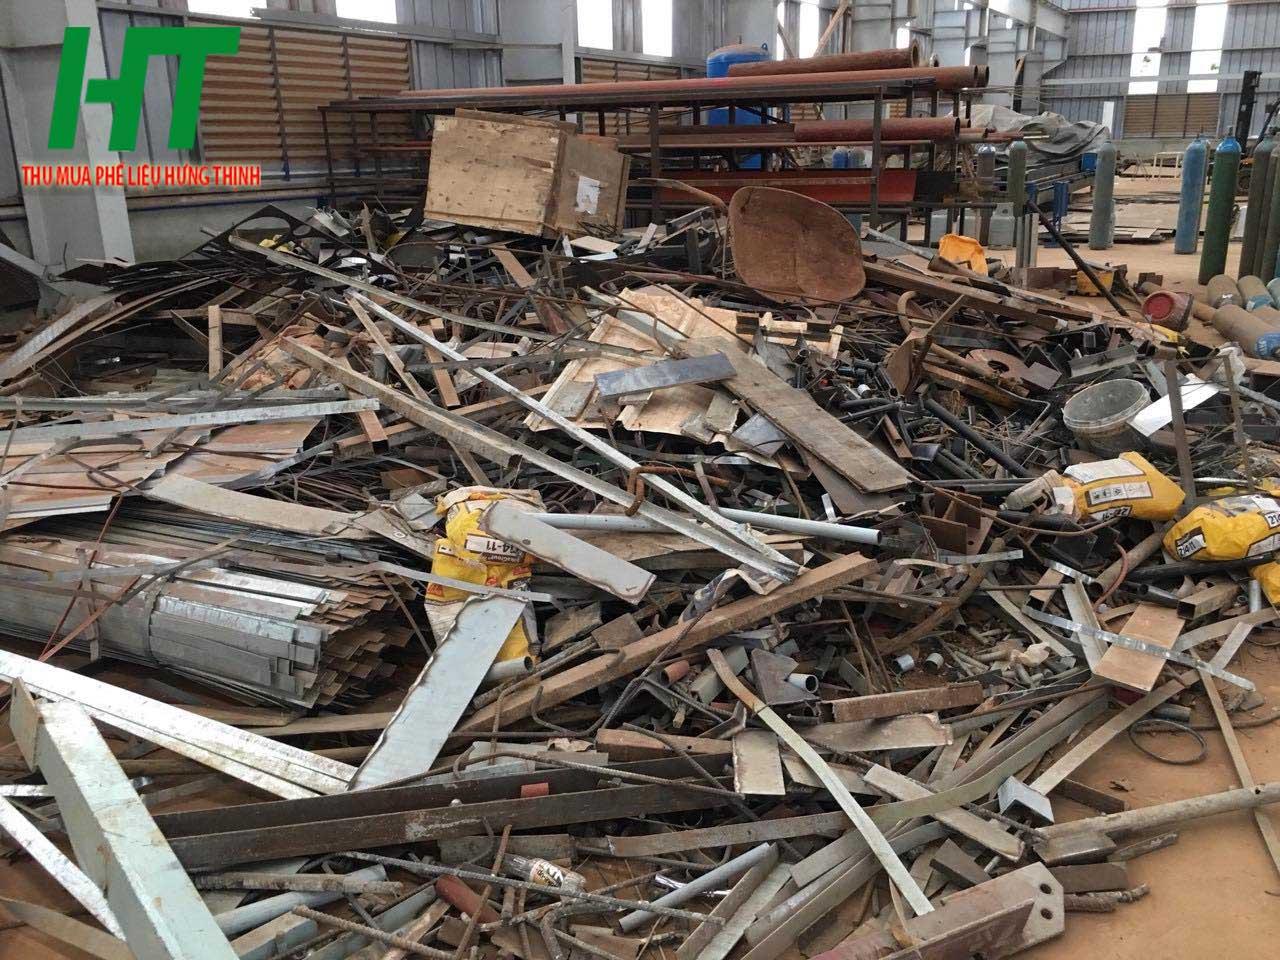 Ưu điểm khi lựa chọn công ty thu mua sắt phế liệu tại Hưng Thịnh